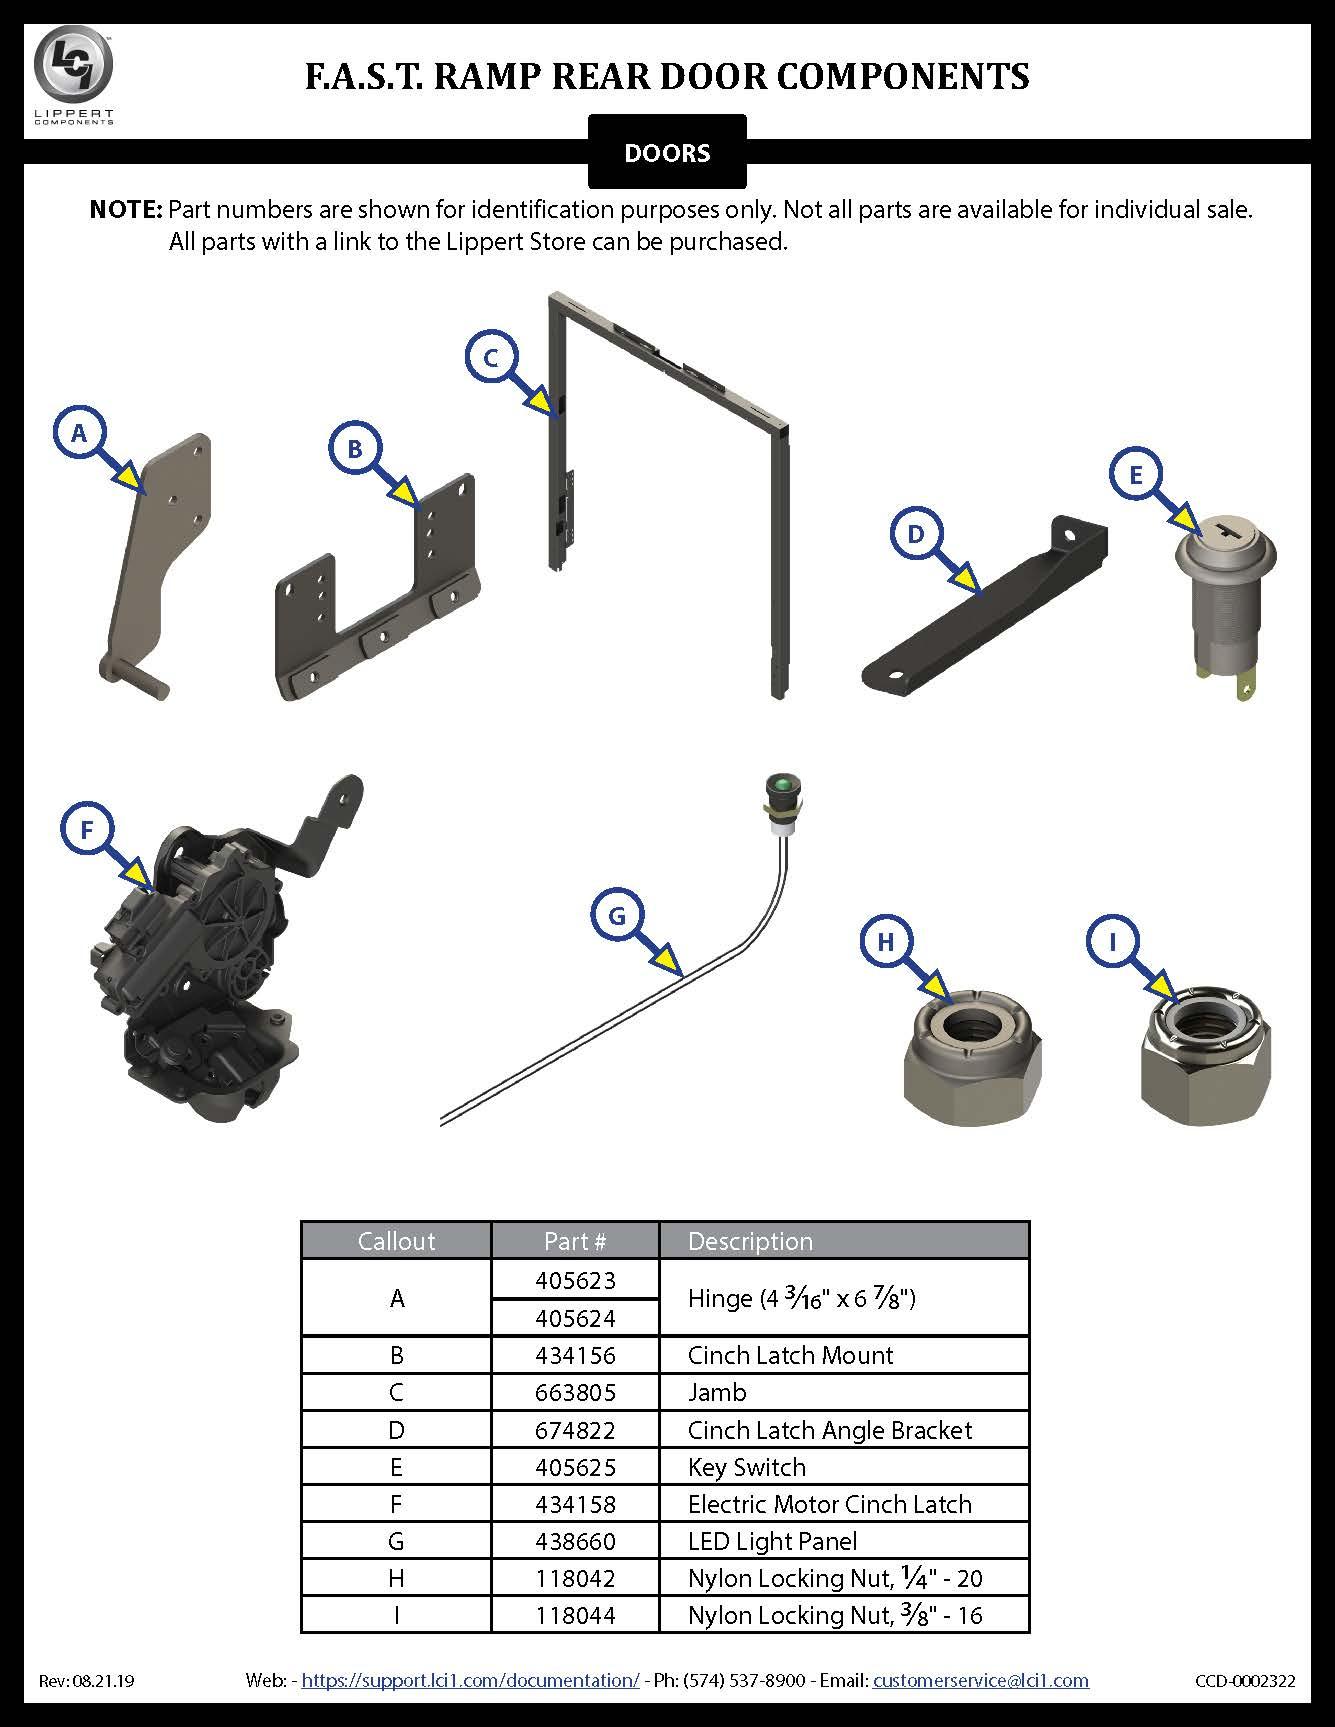 F.A.S.T. Ramp Rear Door Components